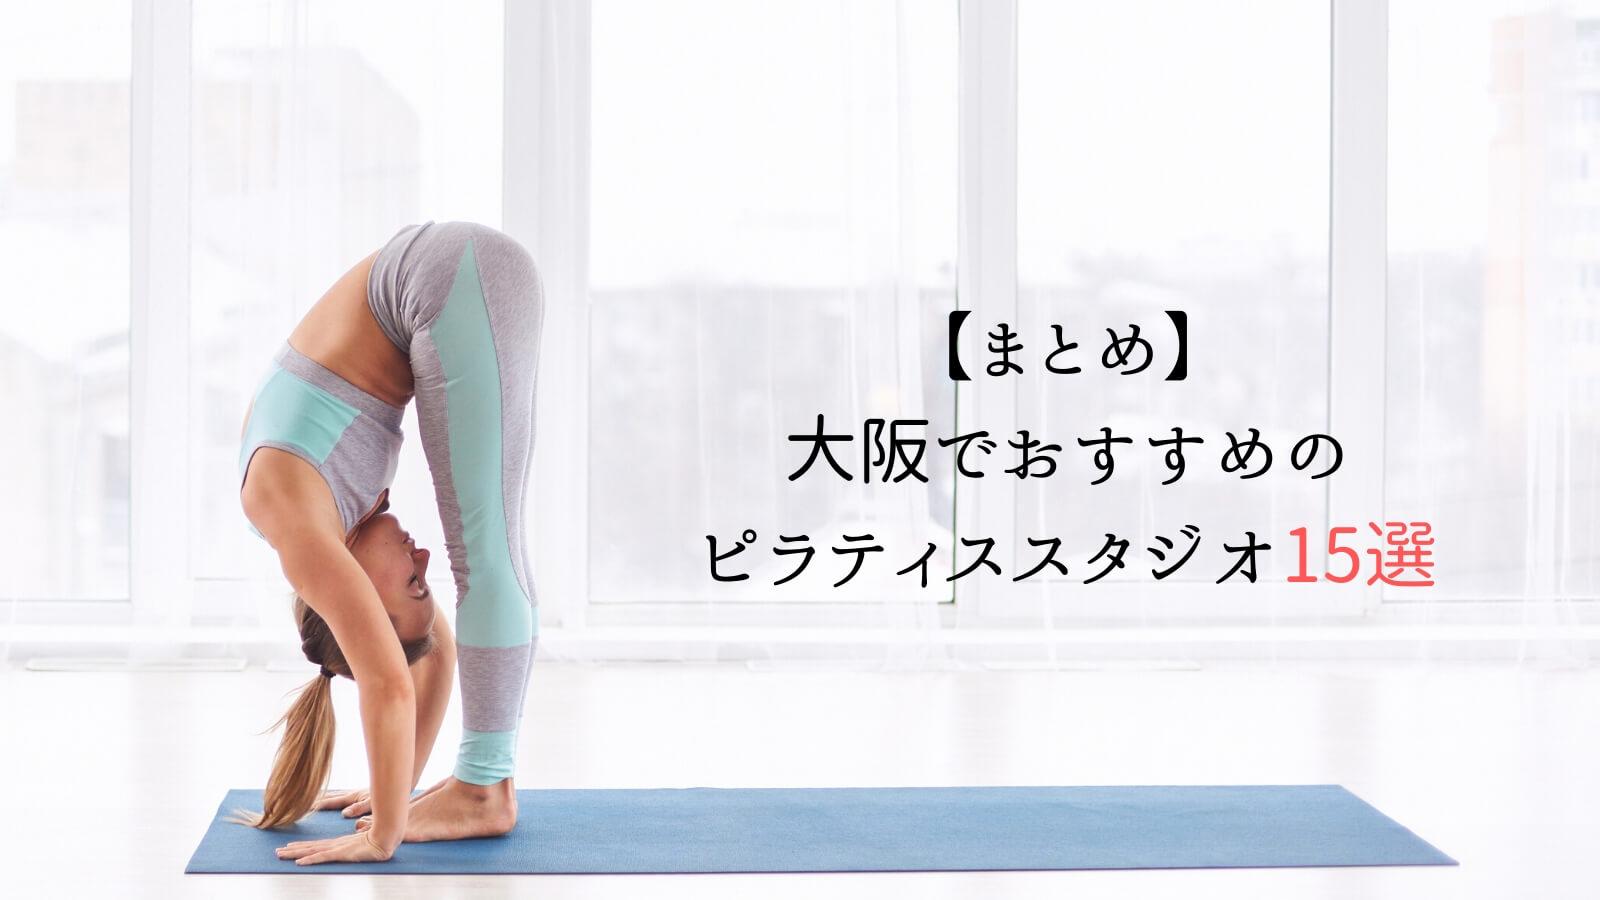 【まとめ】大阪でおすすめのピラティススタジオ15選